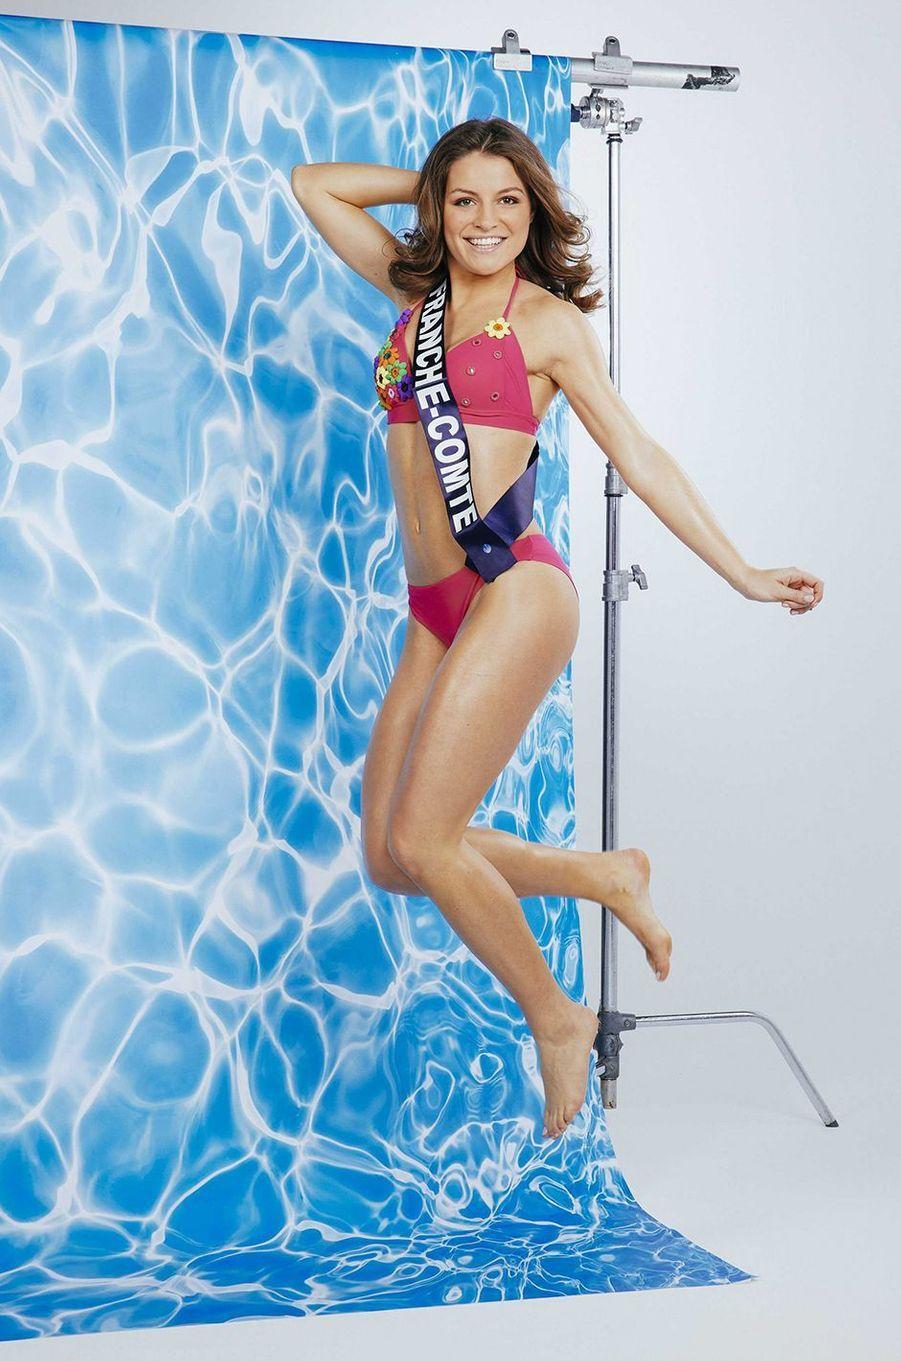 Miss Franche-Comté,Coralie Gandelin